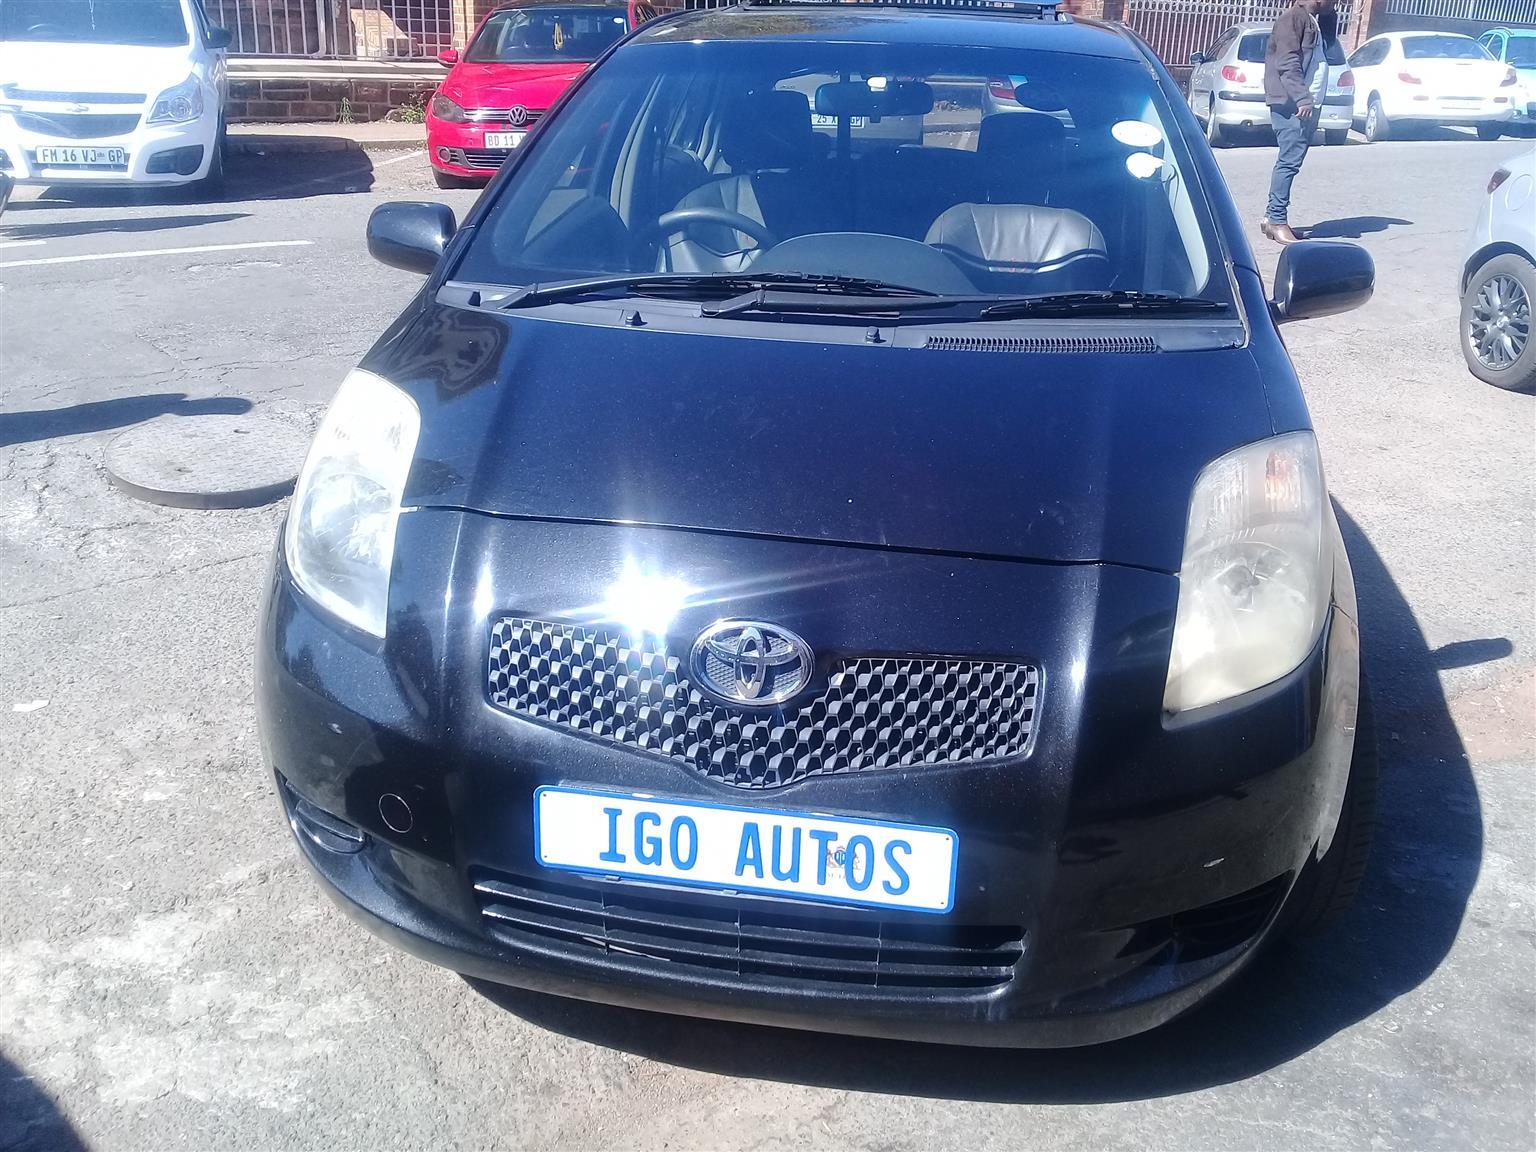 2008 Toyota Yaris 1.3 T3 5 door